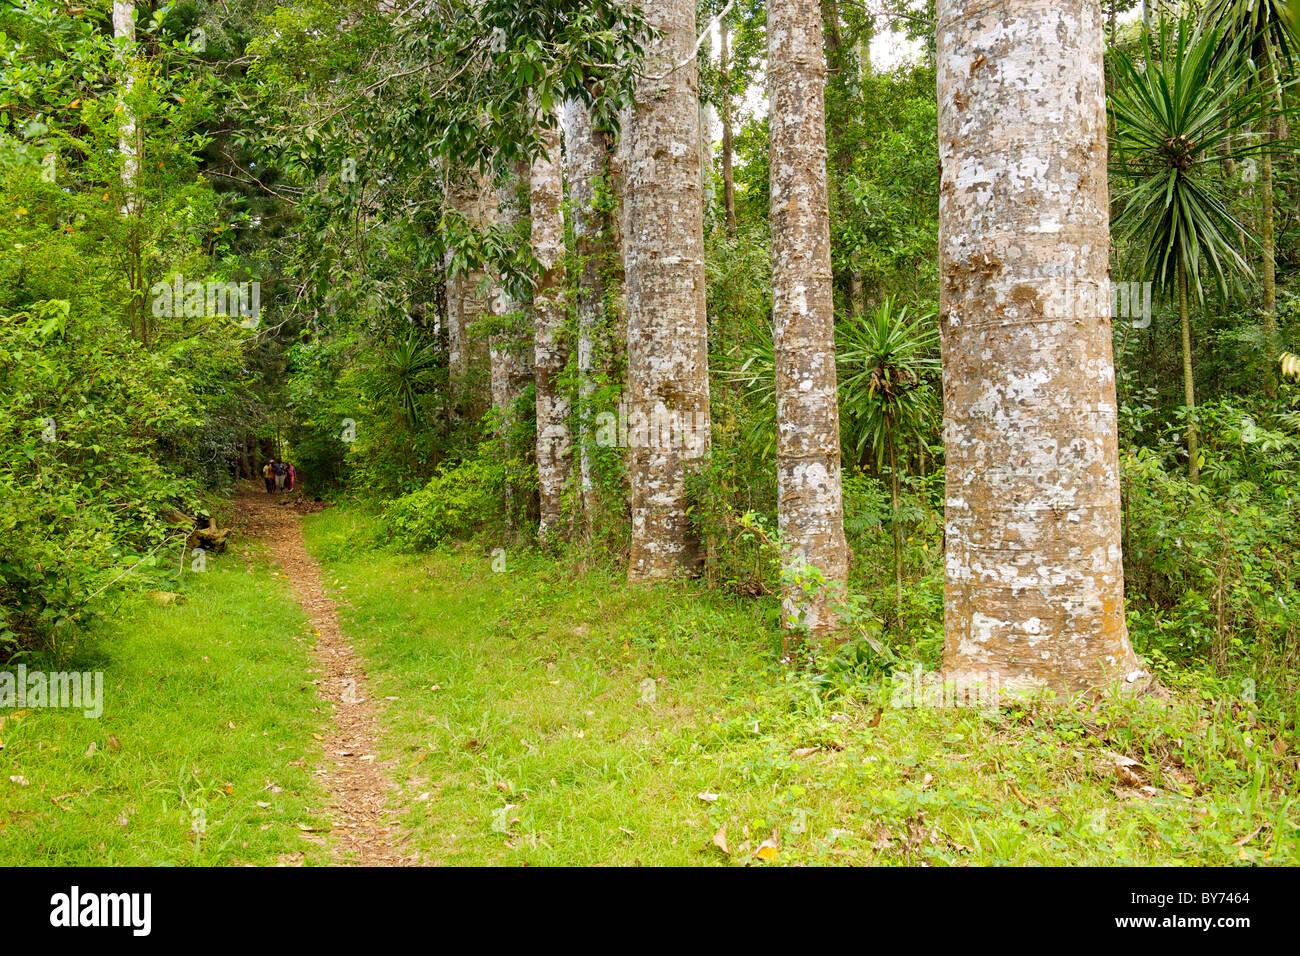 Sentiero forestale in Montagne d'Ambre parco nazionale nel nord del Madagascar. Immagini Stock